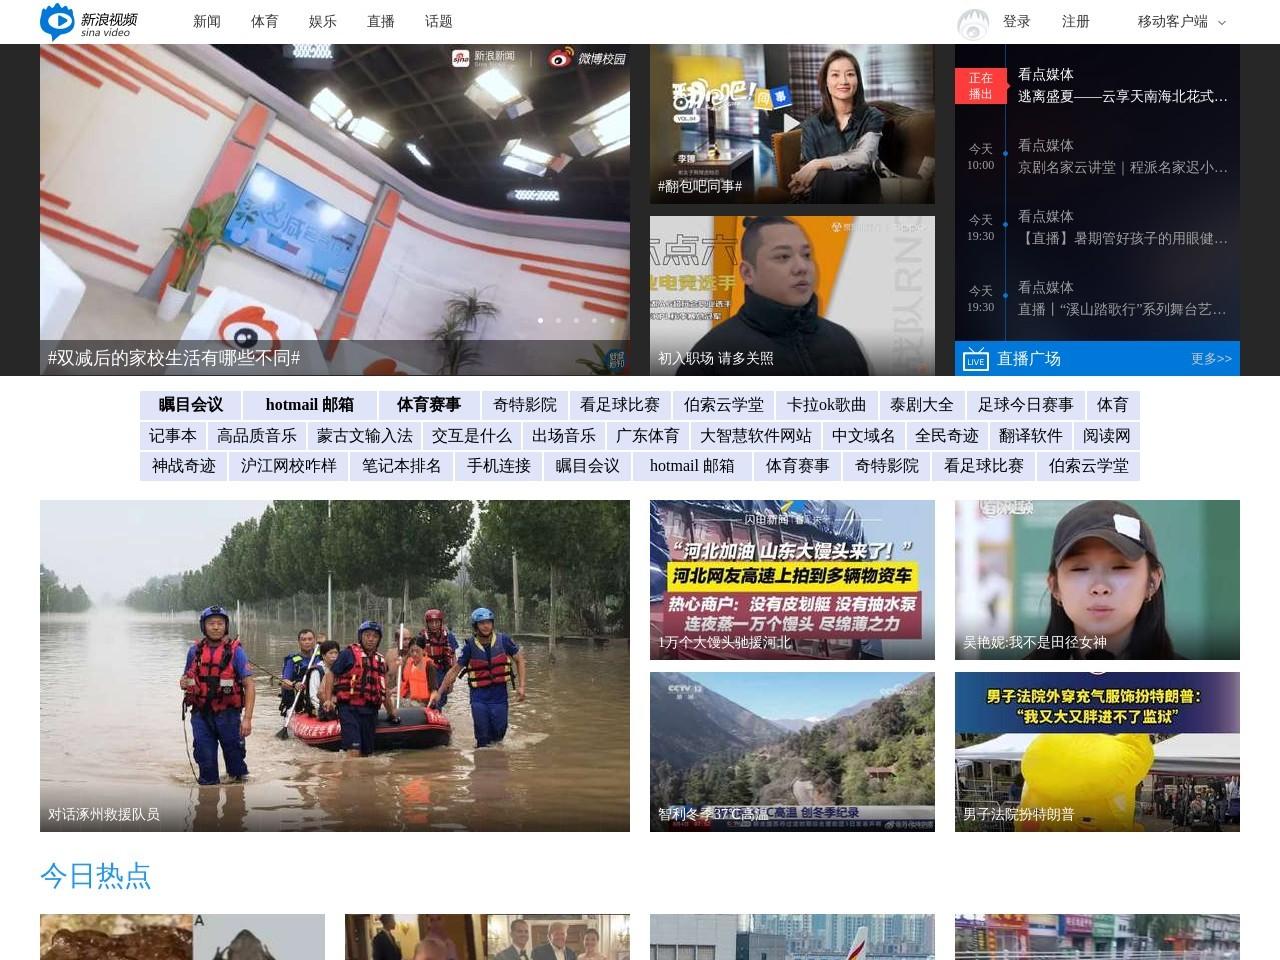 视频:李阳被曝家暴女儿后续 工作人员称其仍在开课